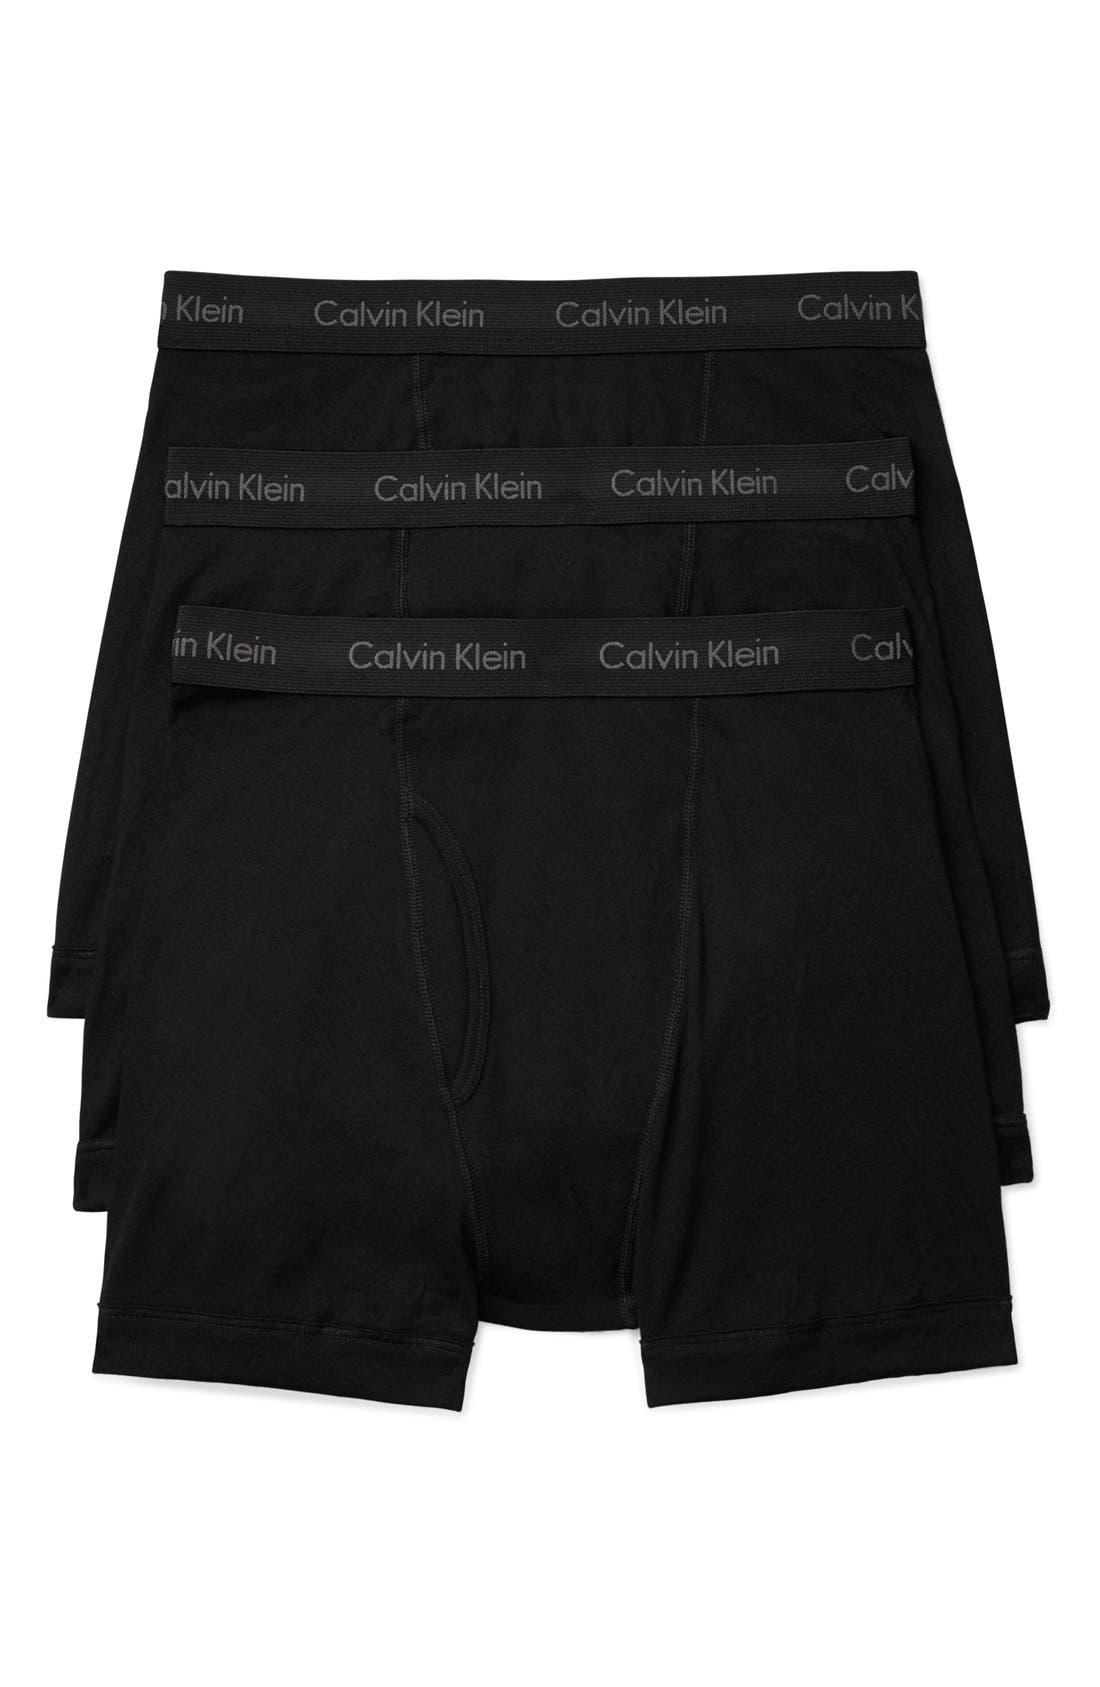 3-Pack Boxer Briefs,                             Main thumbnail 1, color,                             BLACK